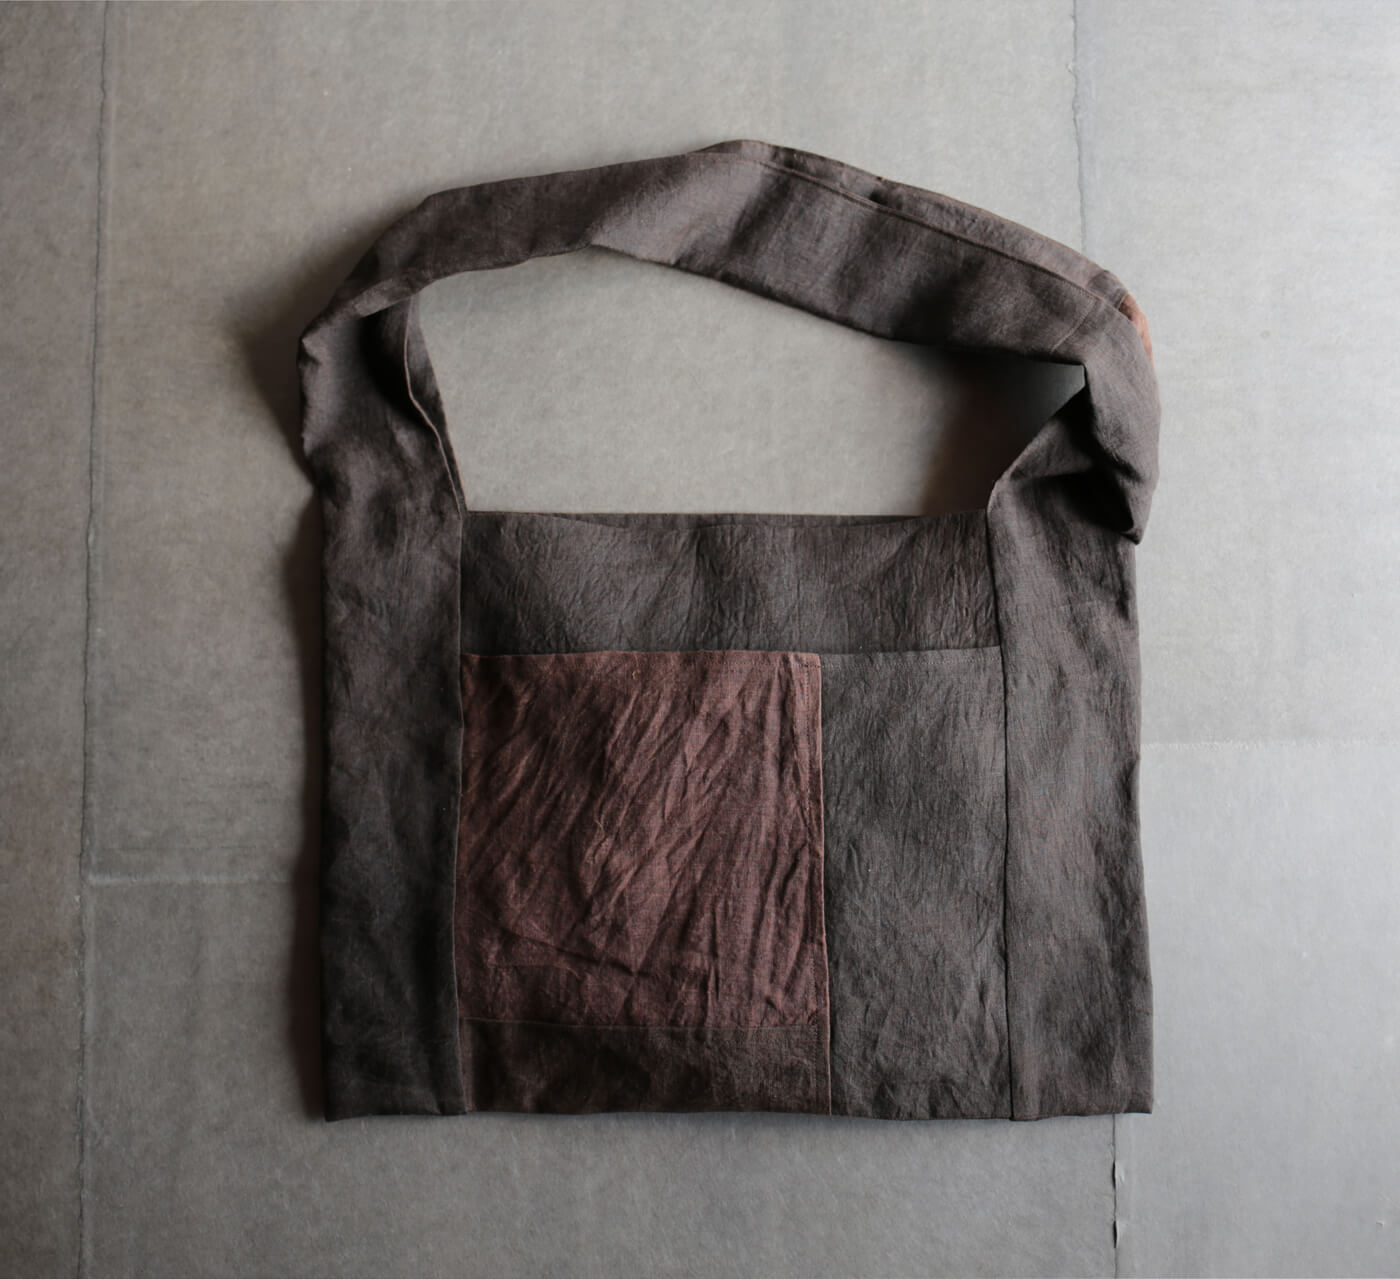 ハギレカレンバッグのアイキャッチ画像